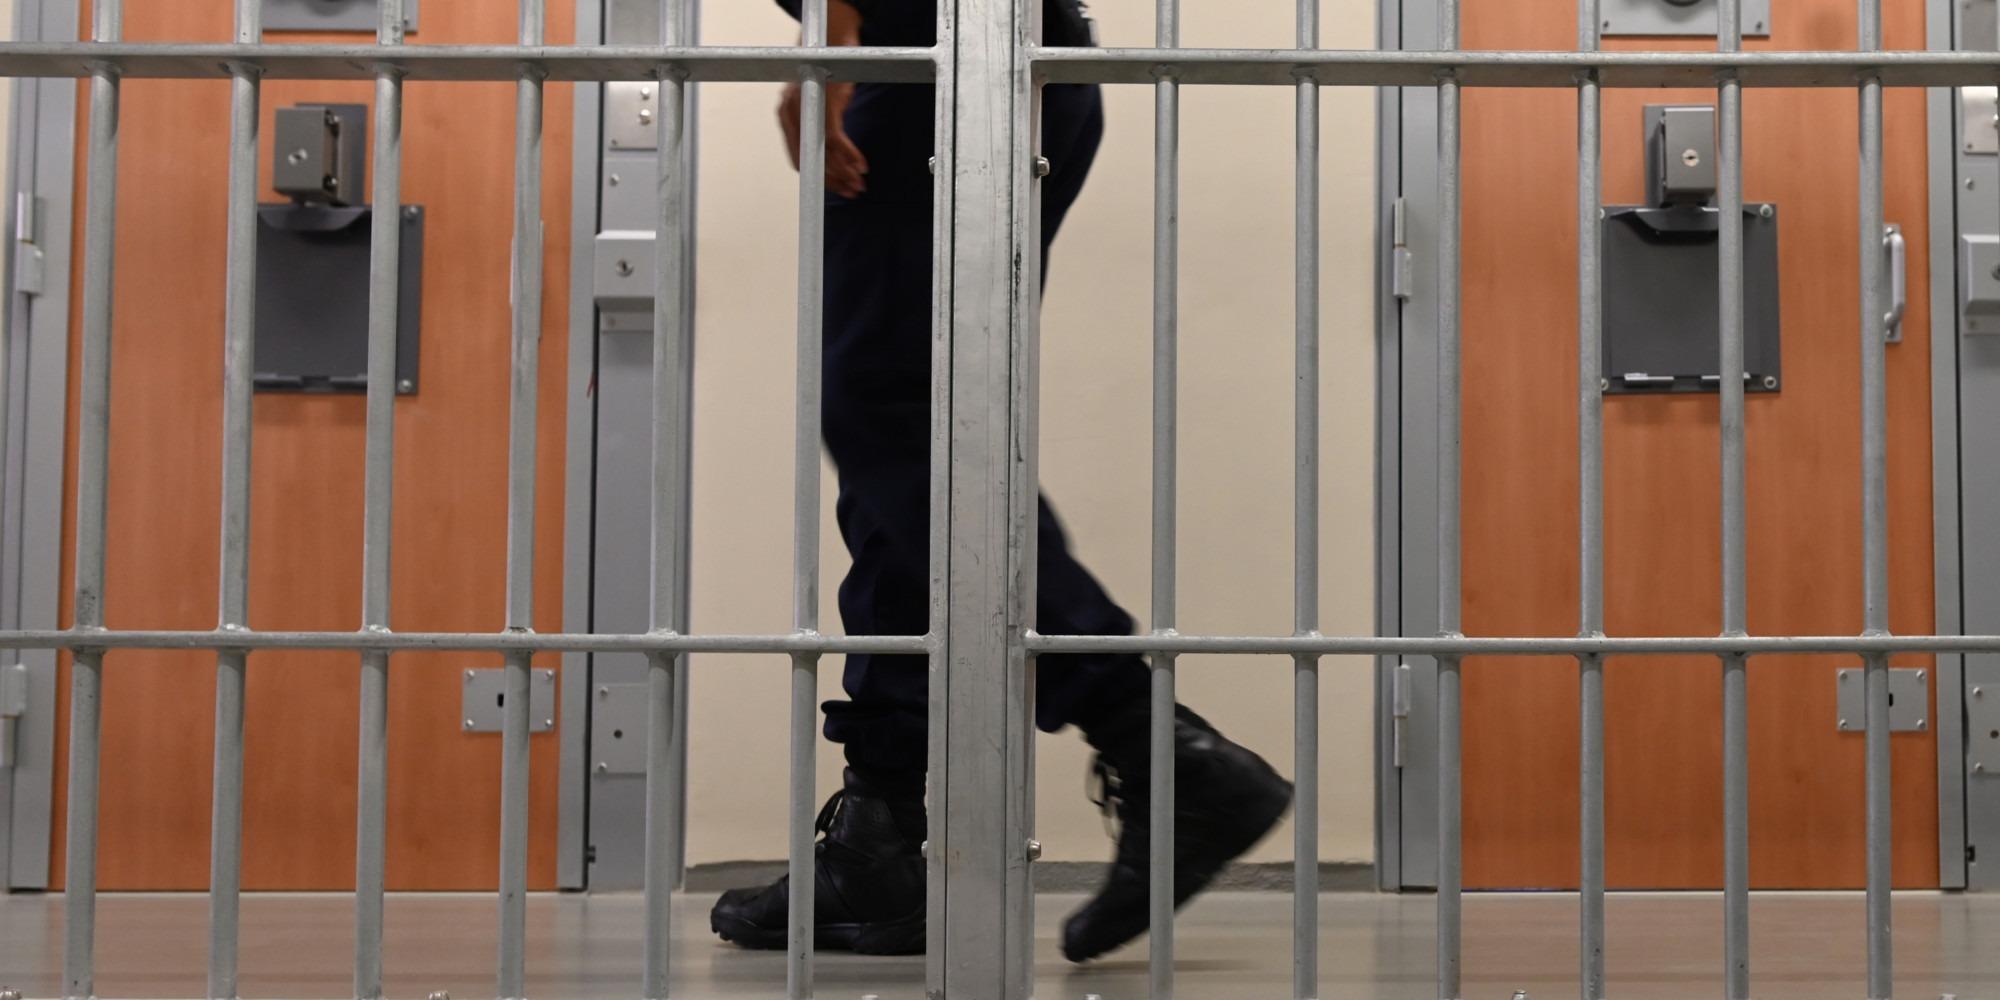 Pédophilie : dans l'Eure, un ex-directeur d'école condamné à deux ans de prison ferme